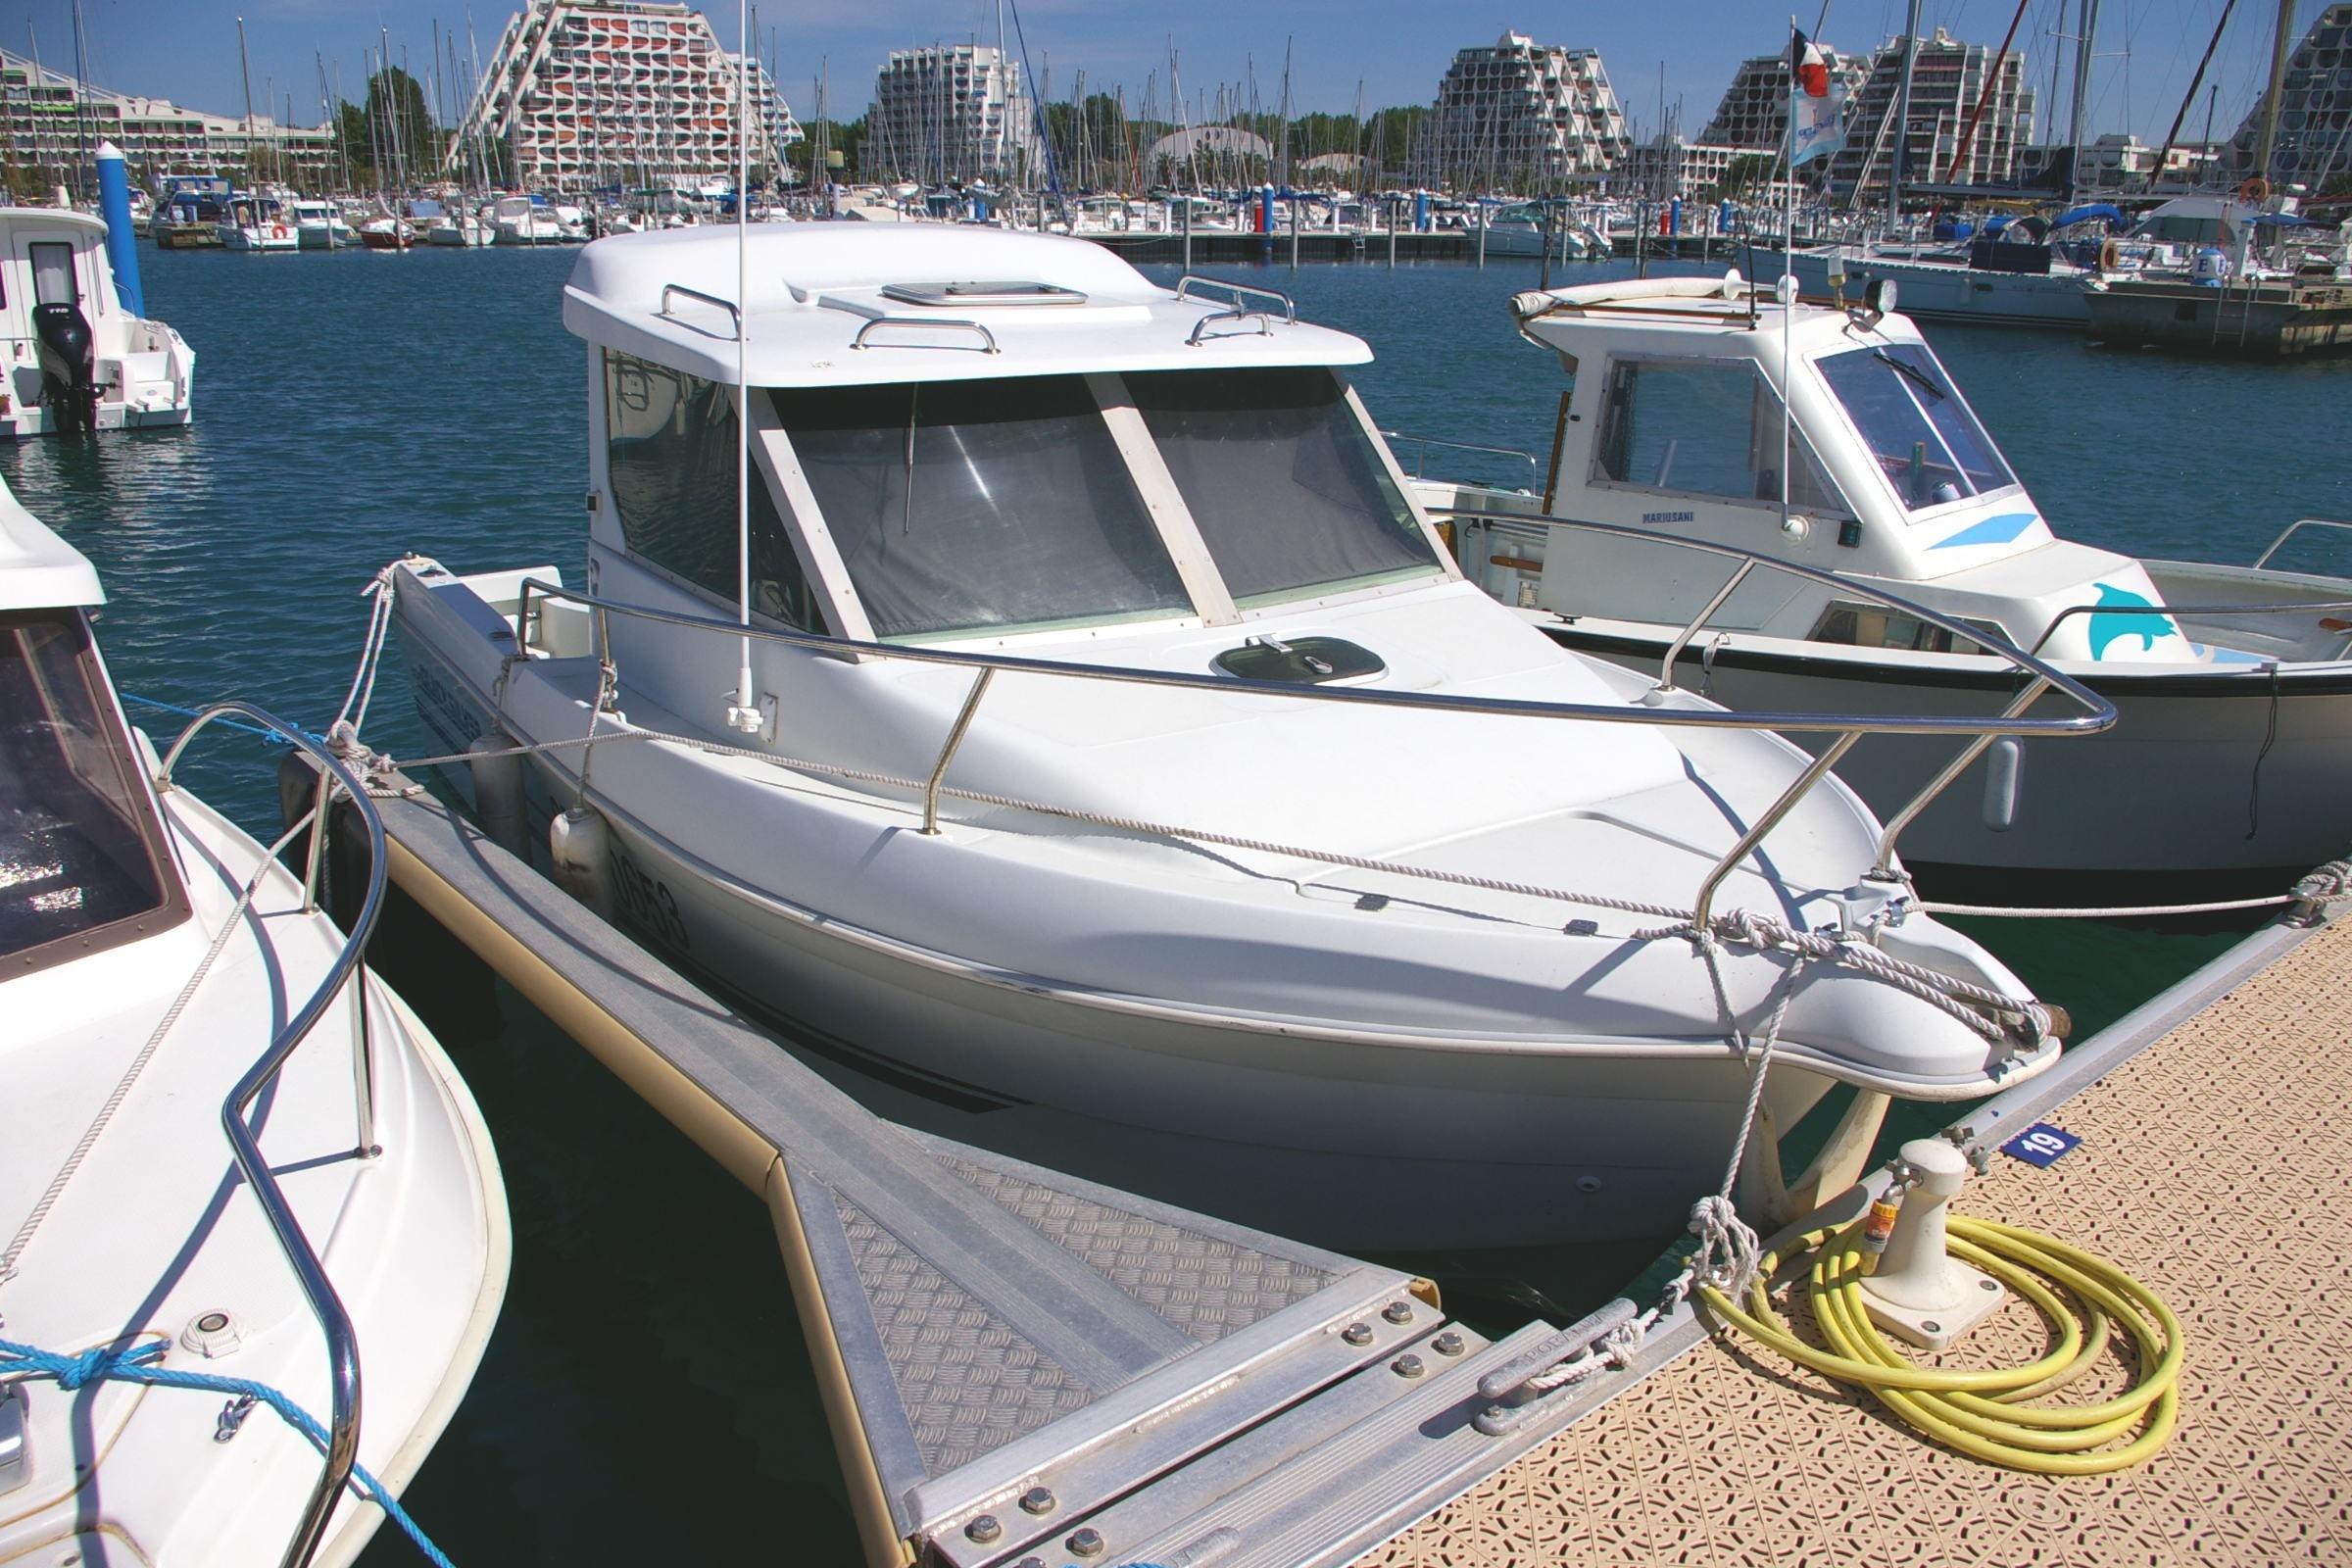 photos de quicksilver 605 timonier images bateau. Black Bedroom Furniture Sets. Home Design Ideas